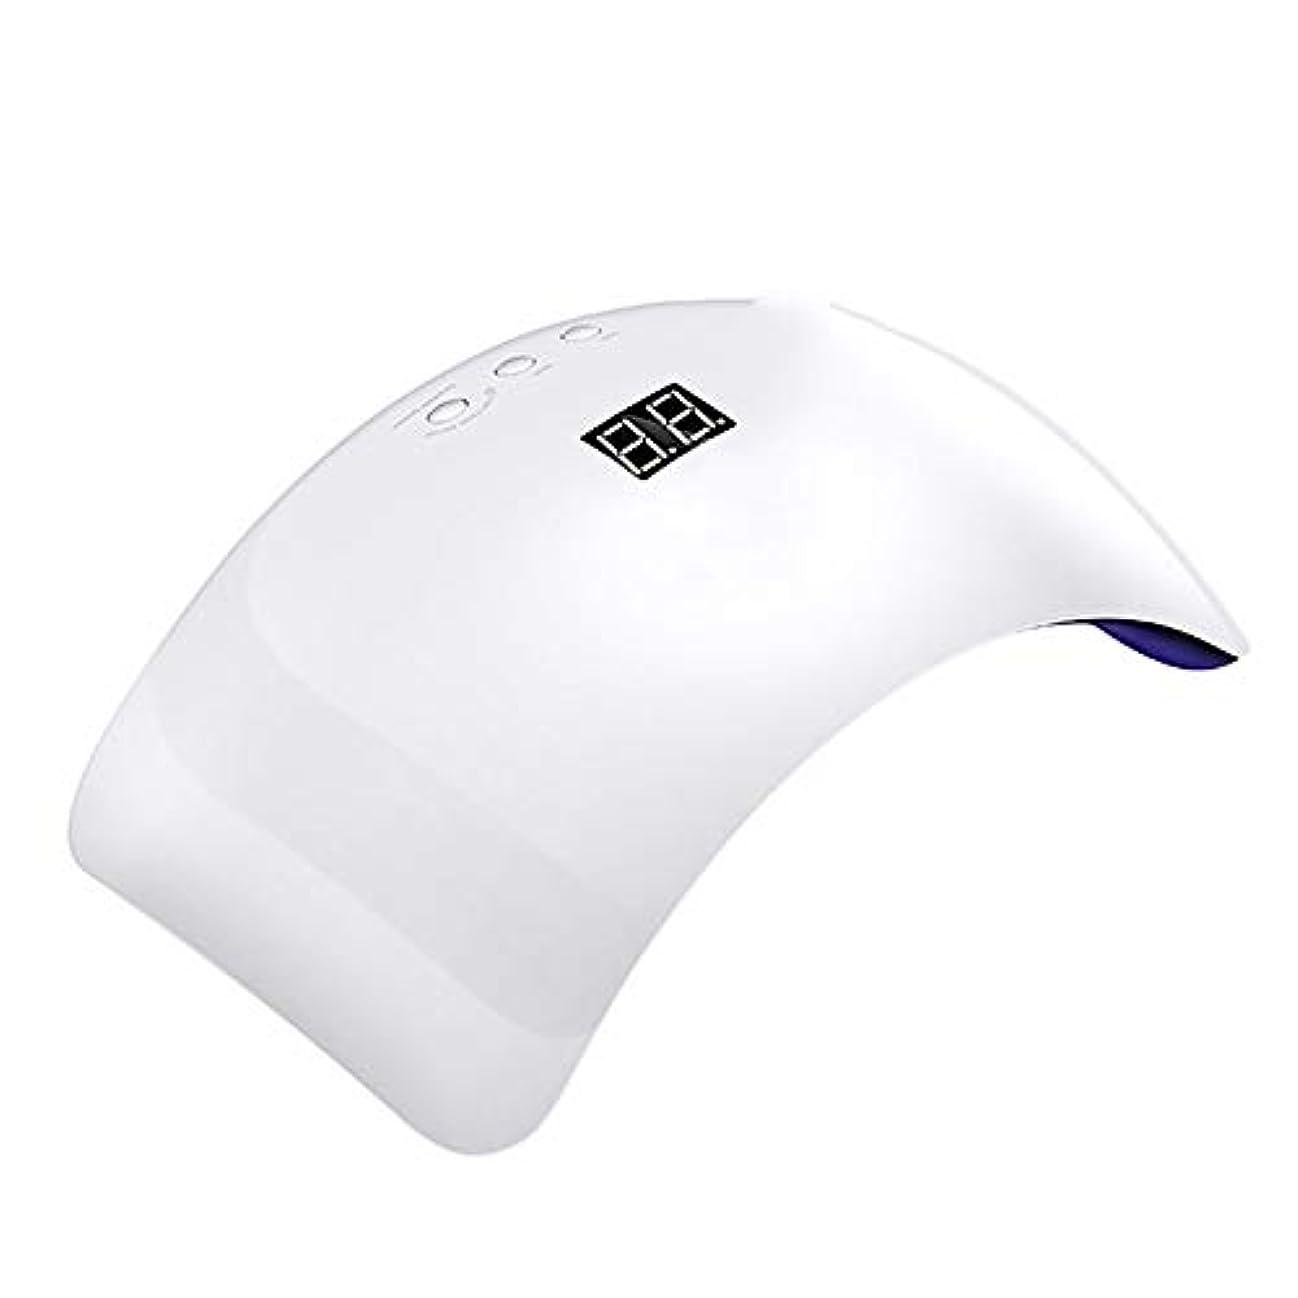 ソーセージ矢所持釘のドライヤー - 自動赤外線センサー、二重光源のLEDランプのゲルのドライヤーのマニキュアが付いている紫外線携帯用LEDの釘ランプ